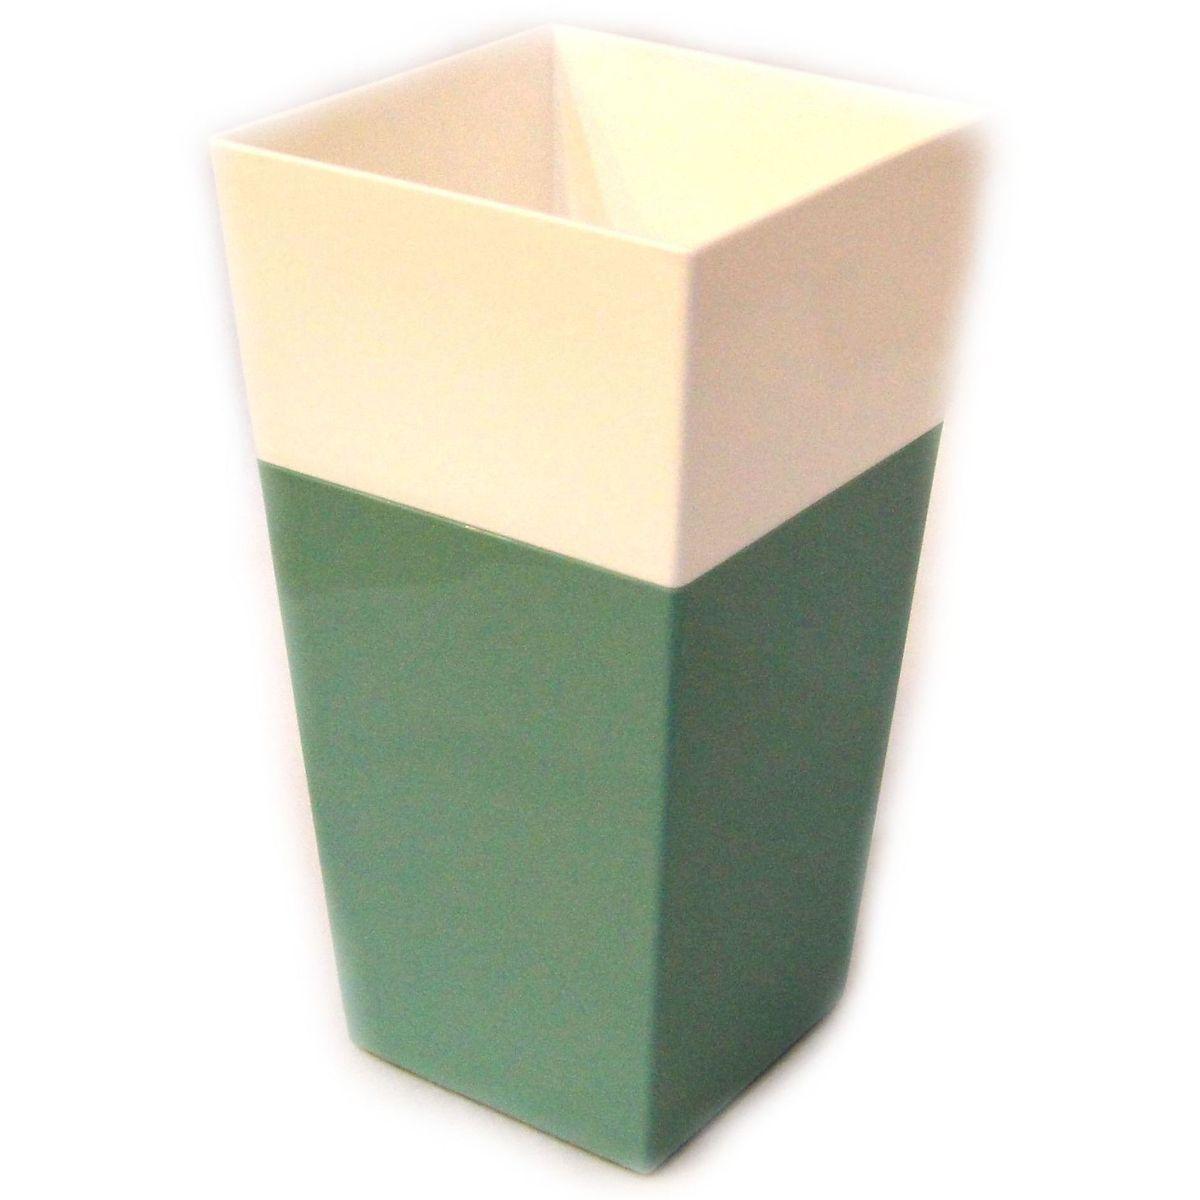 Кашпо JetPlast Дуэт, цвет: нефрит, белый, высота 26 см4612754052097Кашпо имеет строгий дизайн и состоит из двух частей: верхней части для цветка и нижней – поддона. Конструкция горшка позволяет, при желании, использовать систему фитильного полива, снабдив горшок веревкой. Оно изготовлено из прочного полипропилена (пластика). Размеры кашпо: 13 x 13 x 26 см.